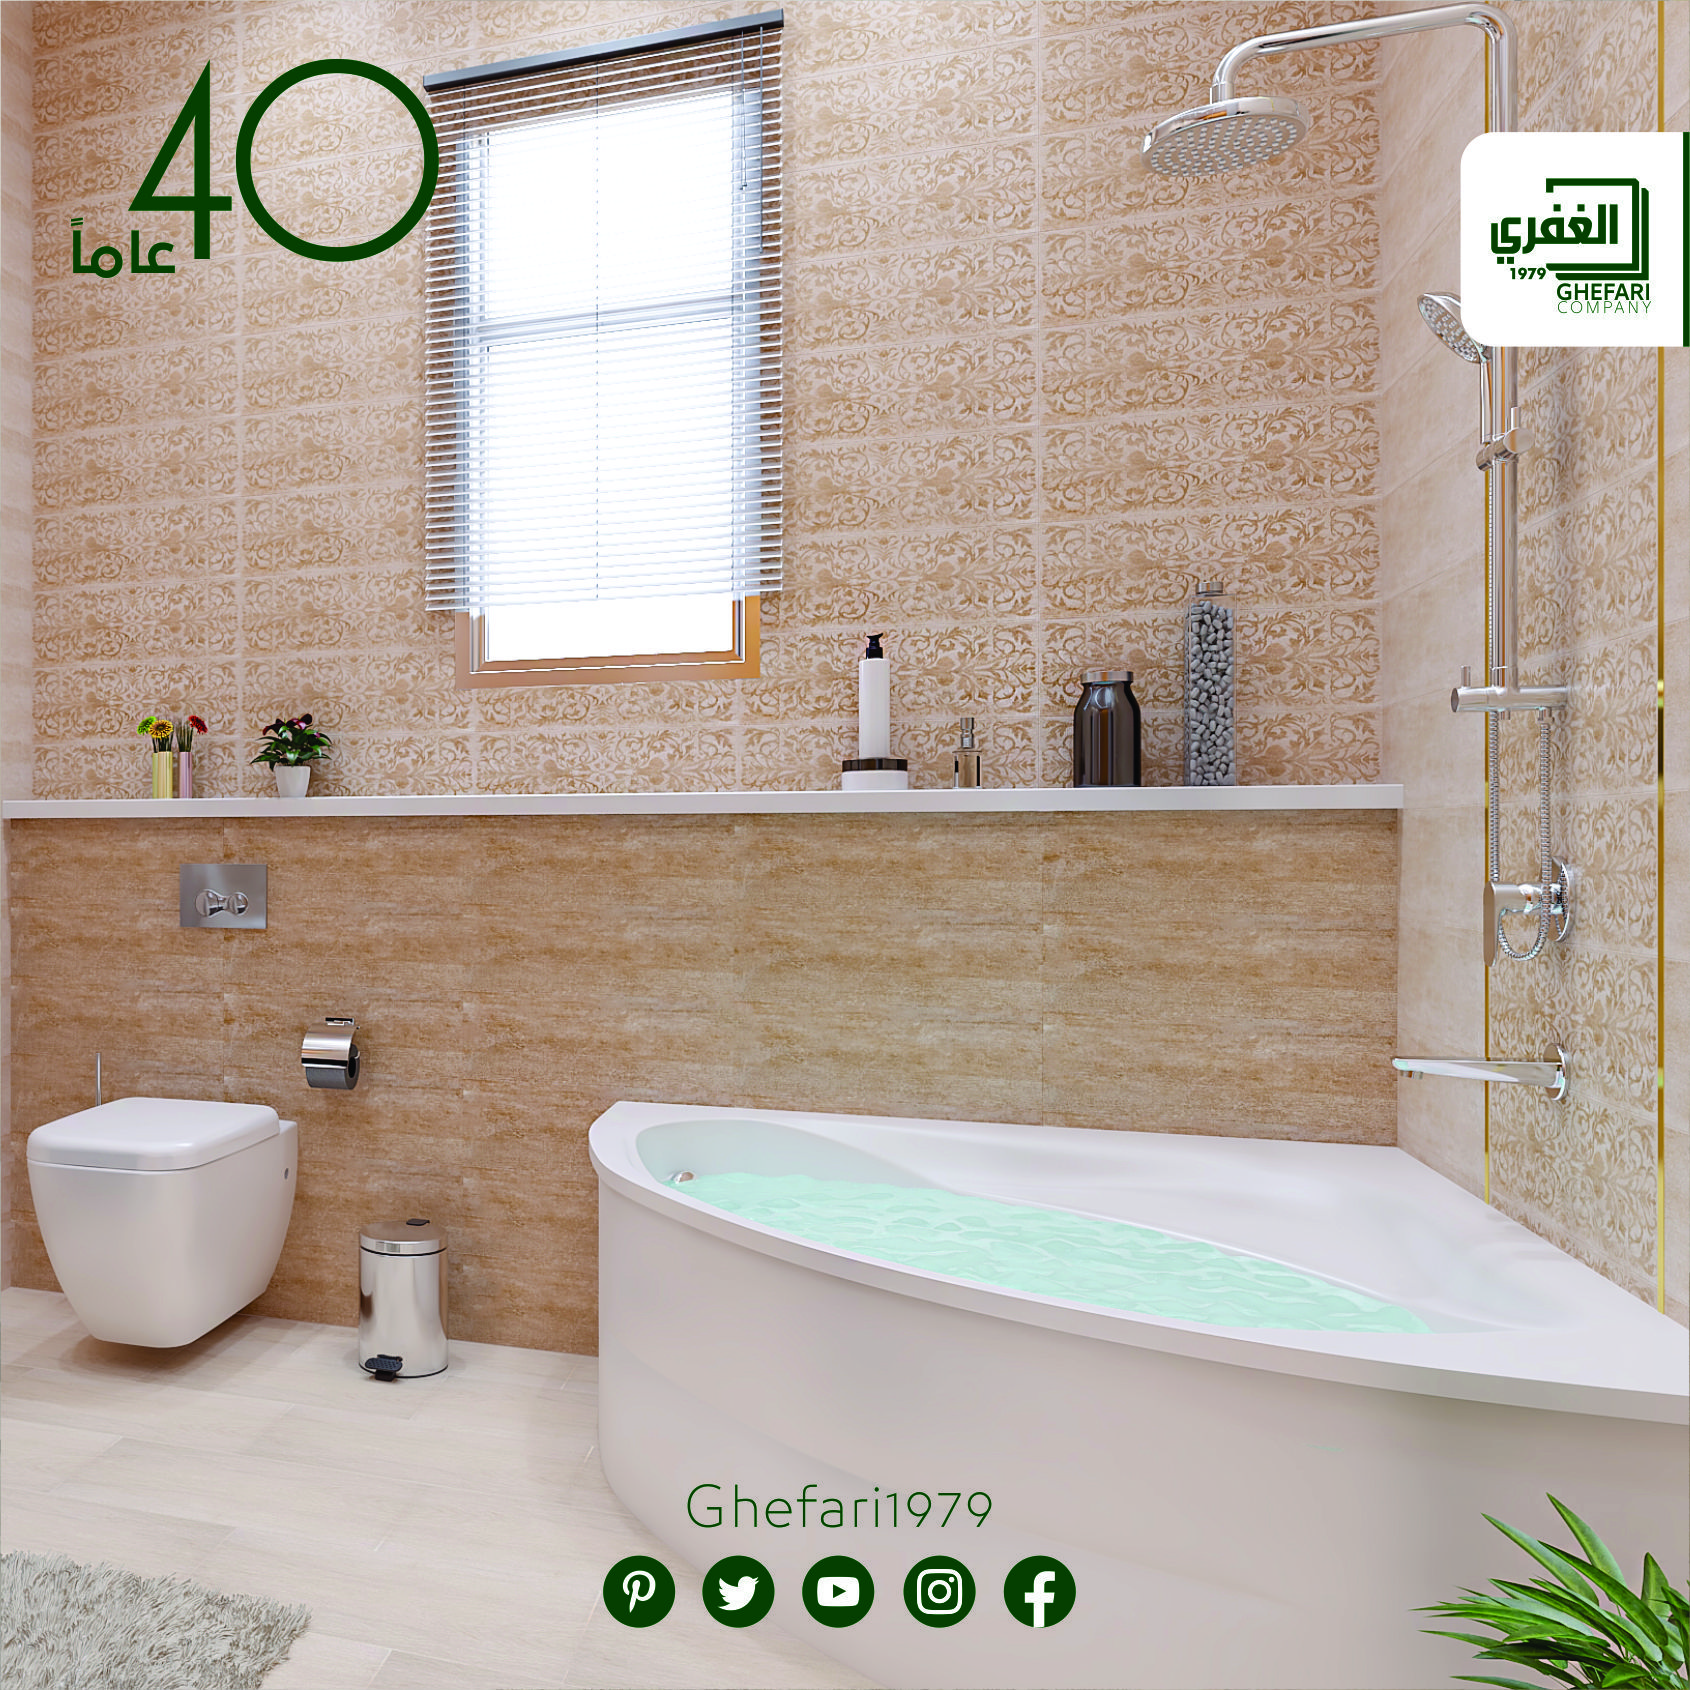 وصل اليوم كراميكا حوائط حمامات مطبخ مقاس 20x60 اسباني الصنع موديلات 2020 2019 للمزيد زورونا على م Bathroom Tub Wood Bathroom Vanity Best Bathtubs